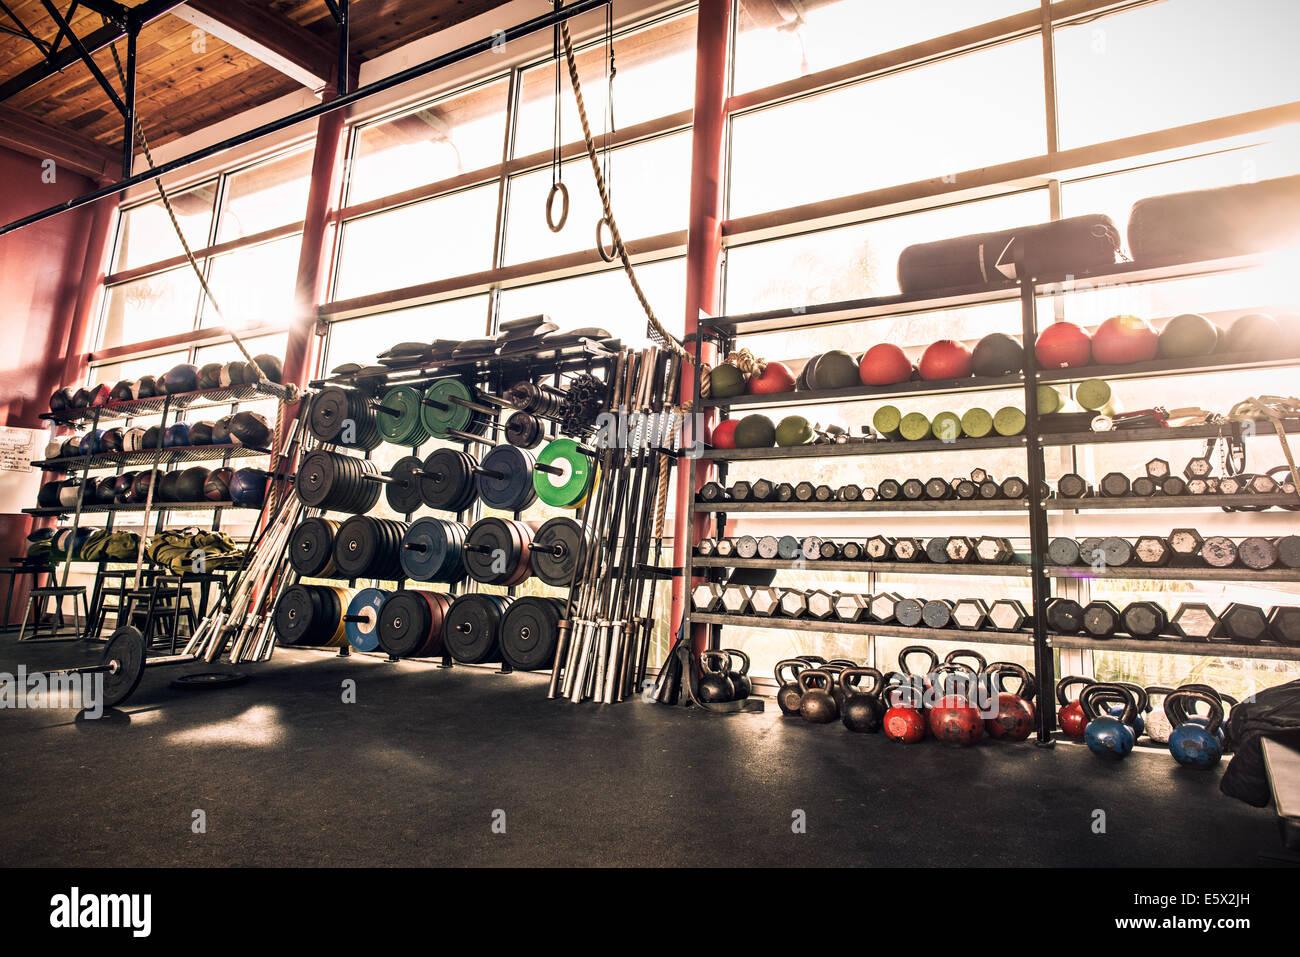 Equipo de gimnasio - gimnasio pesas, pelotas, kettle bells Imagen De Stock